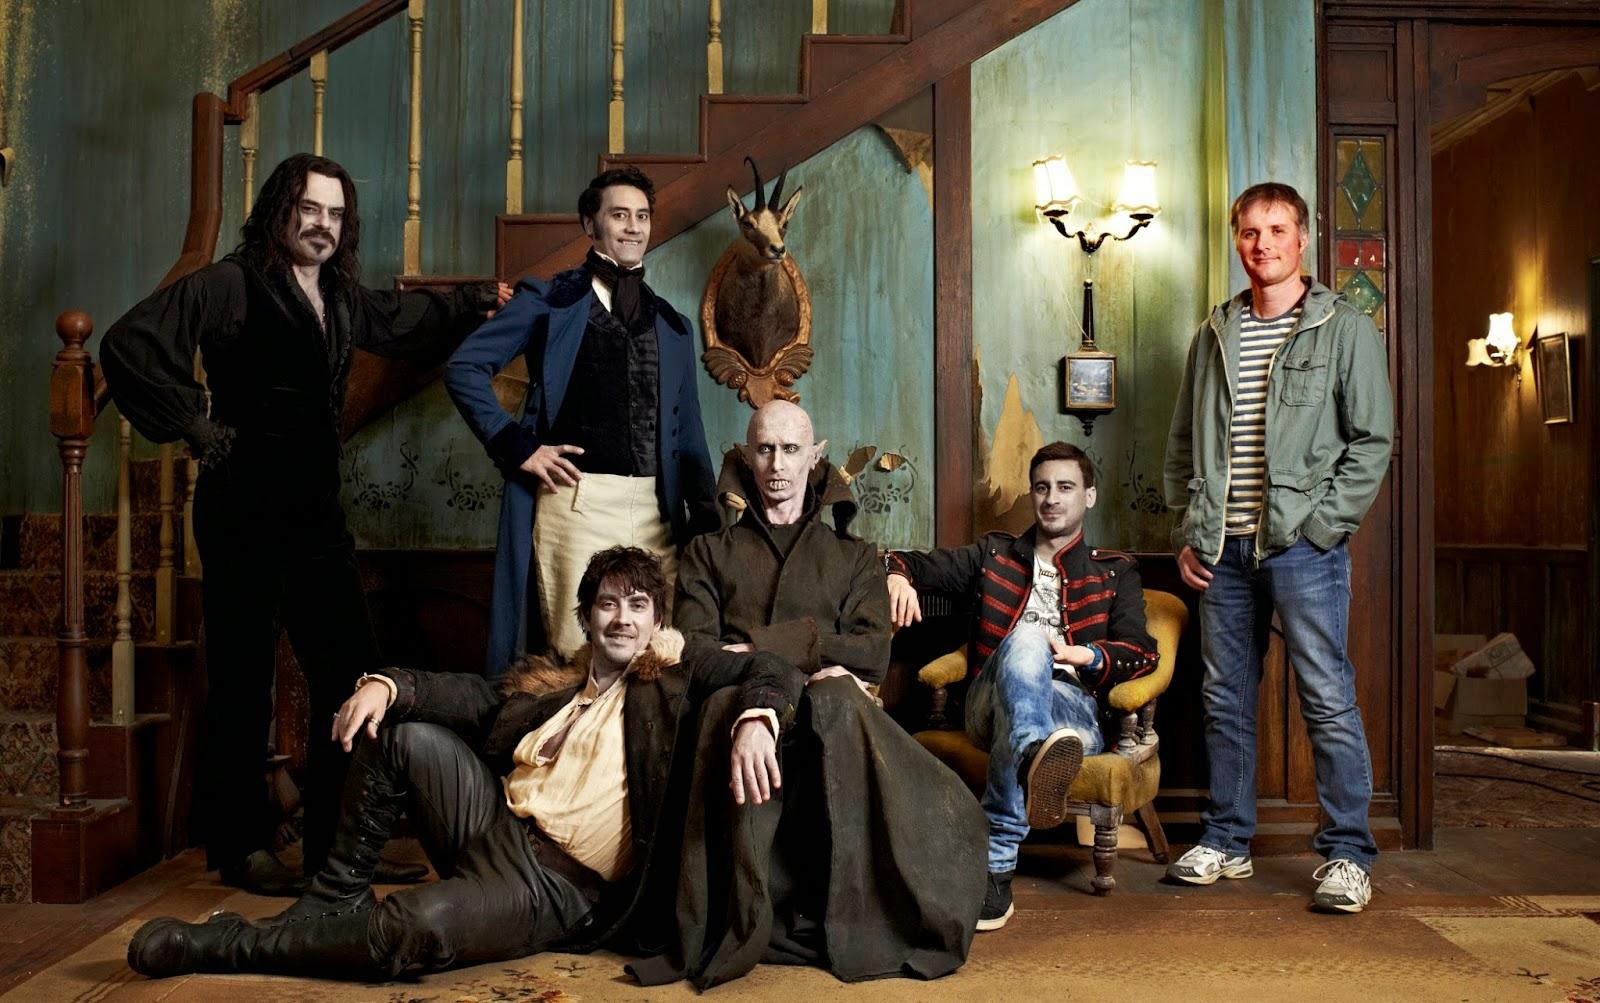 Imagem do filme O Que Fazemos nas Sombras, ou What we Do in the Shadows. A imagem mostra uma foto de família com cinco vampiros e um humano, Stu.